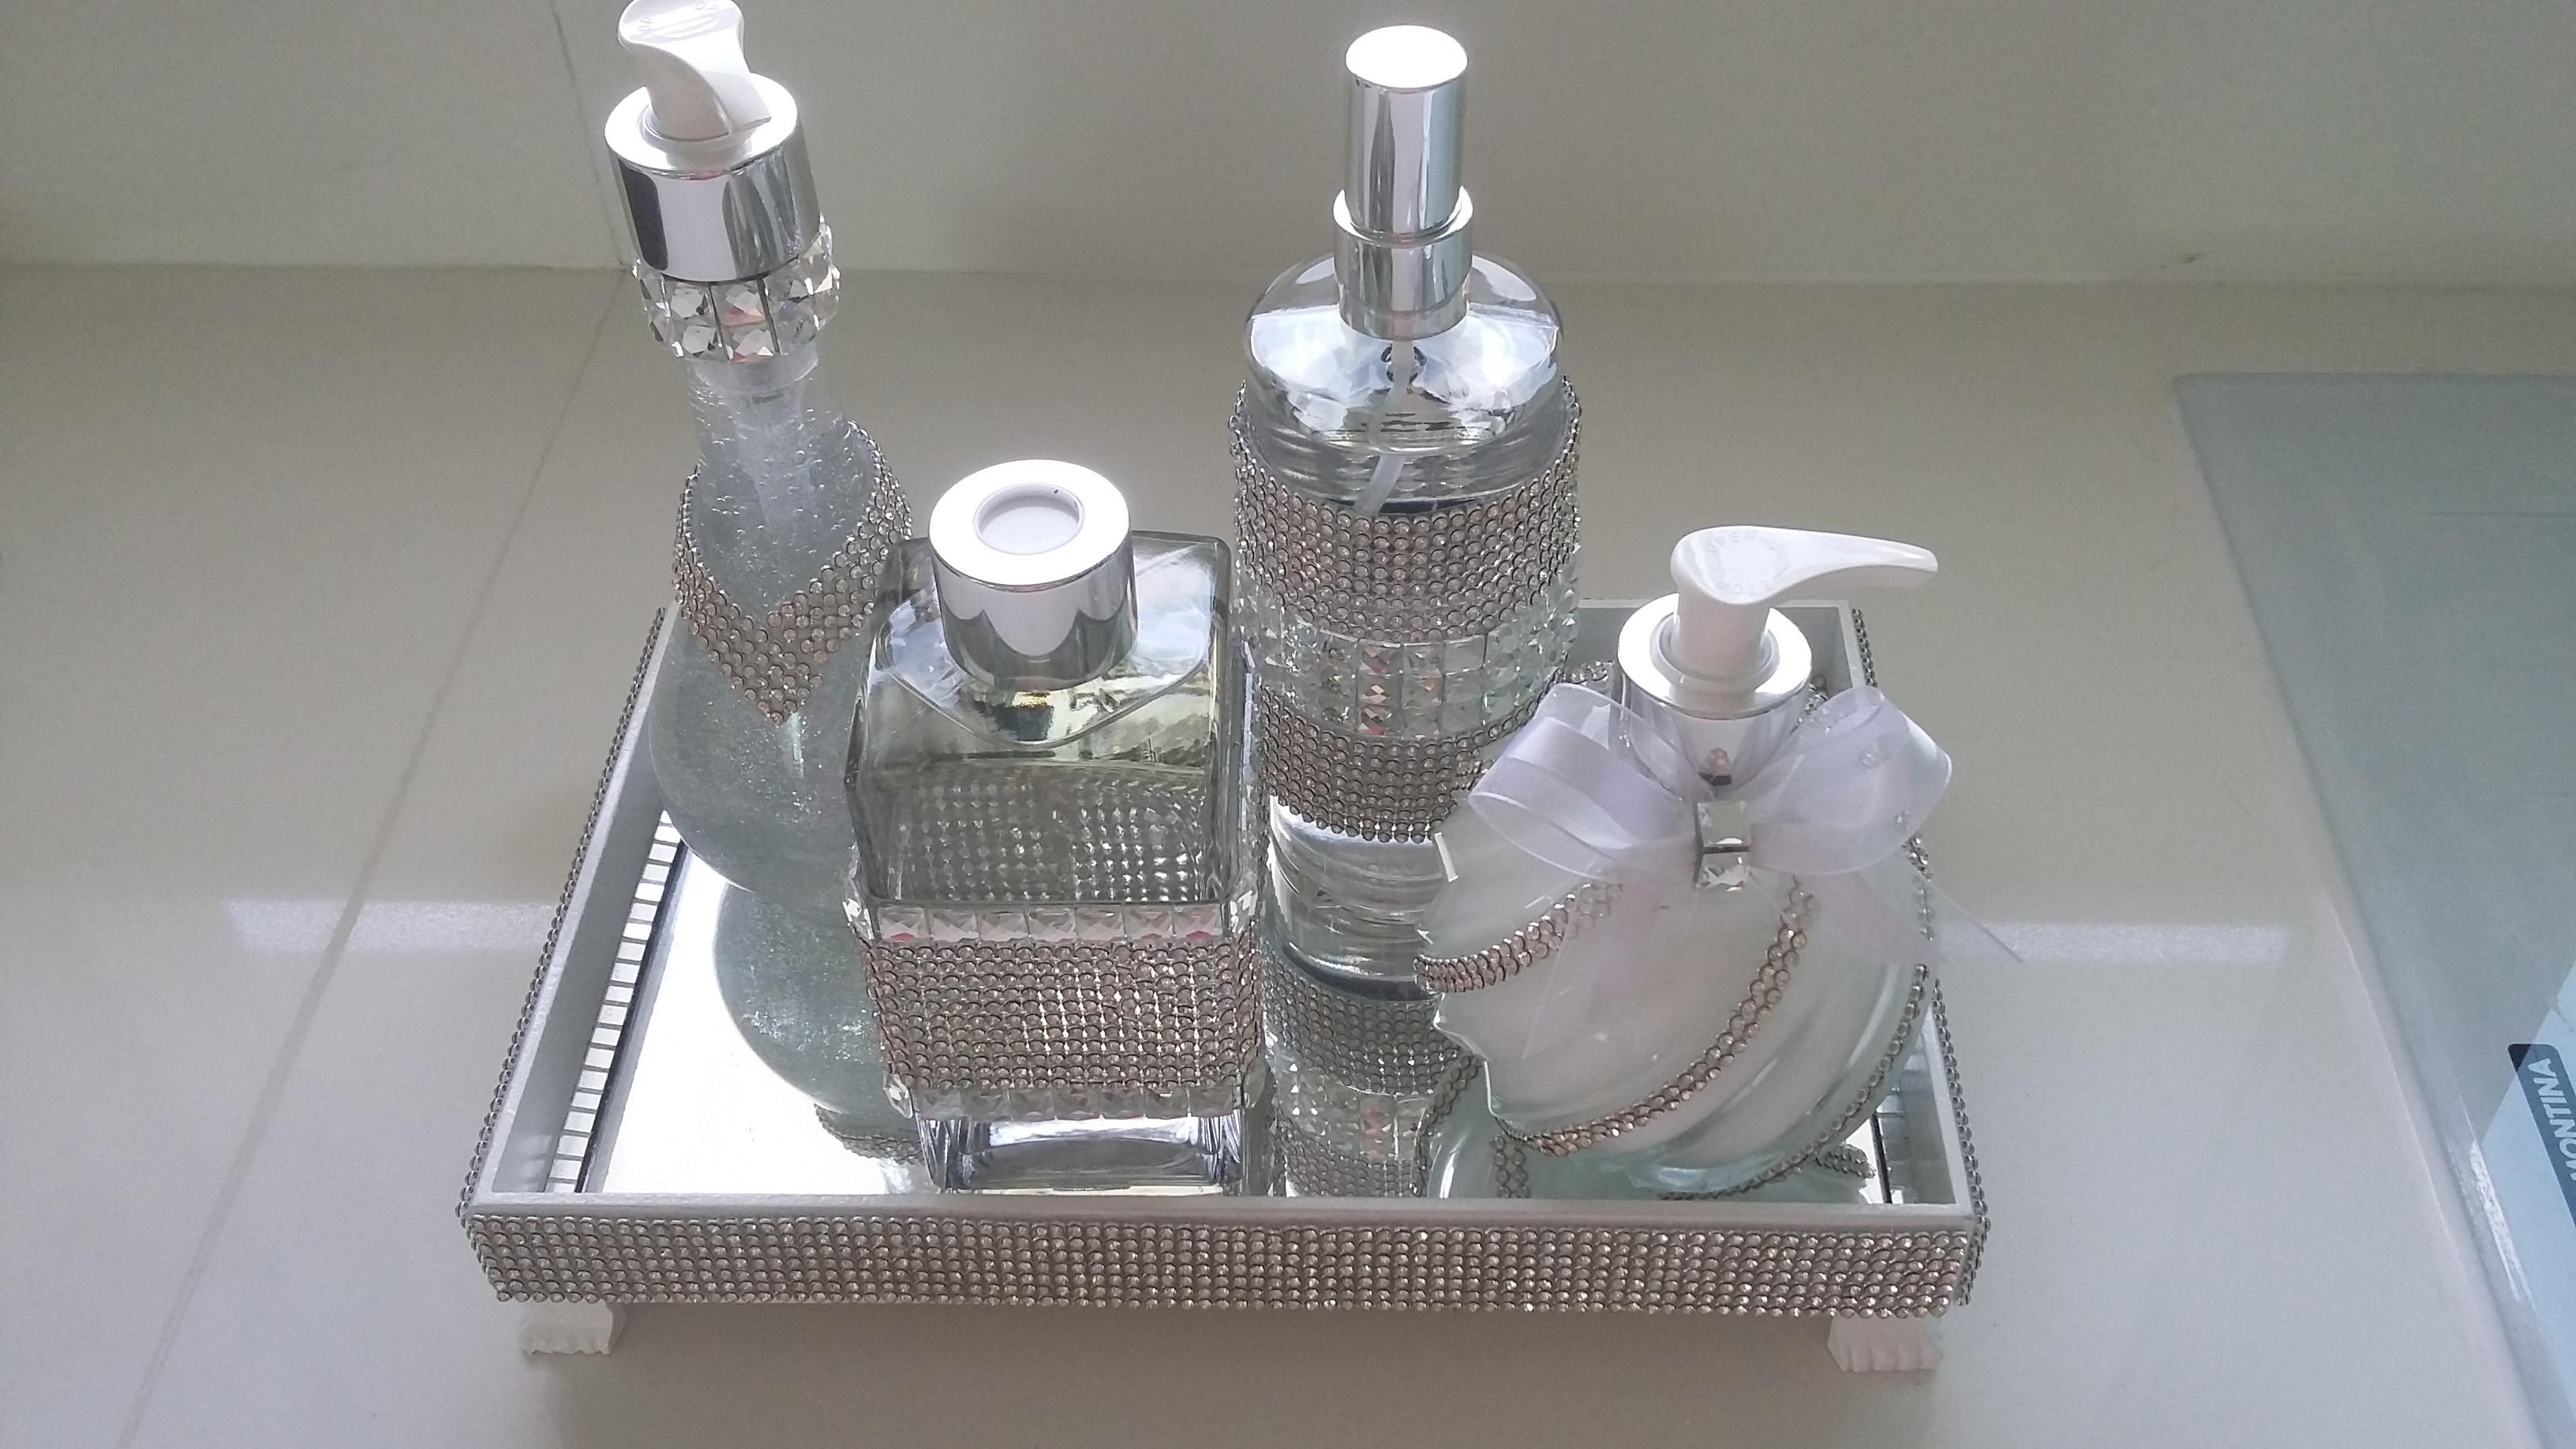 #576374 kit para banheiro lavabo bandeja espelho kit para banheiro lavabo body  3264x1836 px kit de banheiro hidrolar